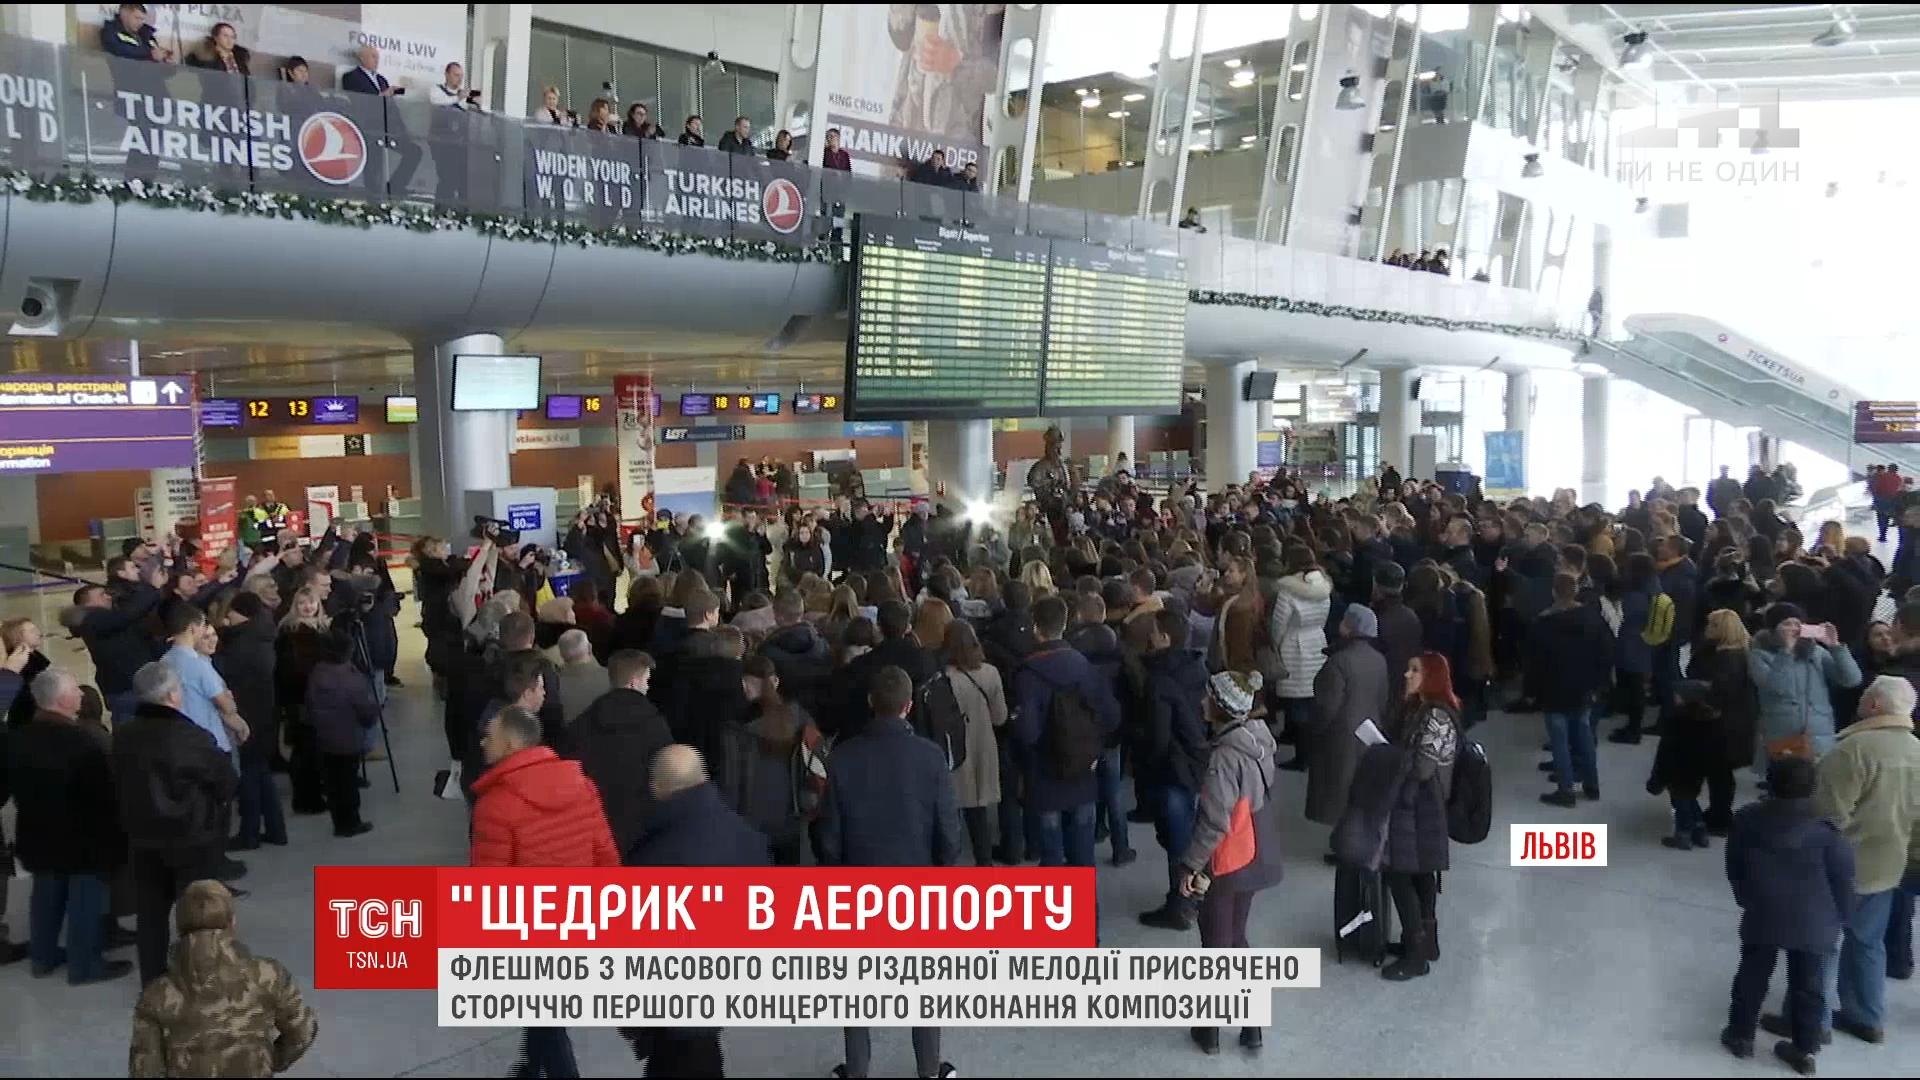 """Уникальное исполнение """"Щедрика"""": в аэропорту Львова около 3 сотни хористов спели известную рождественскую песню /"""